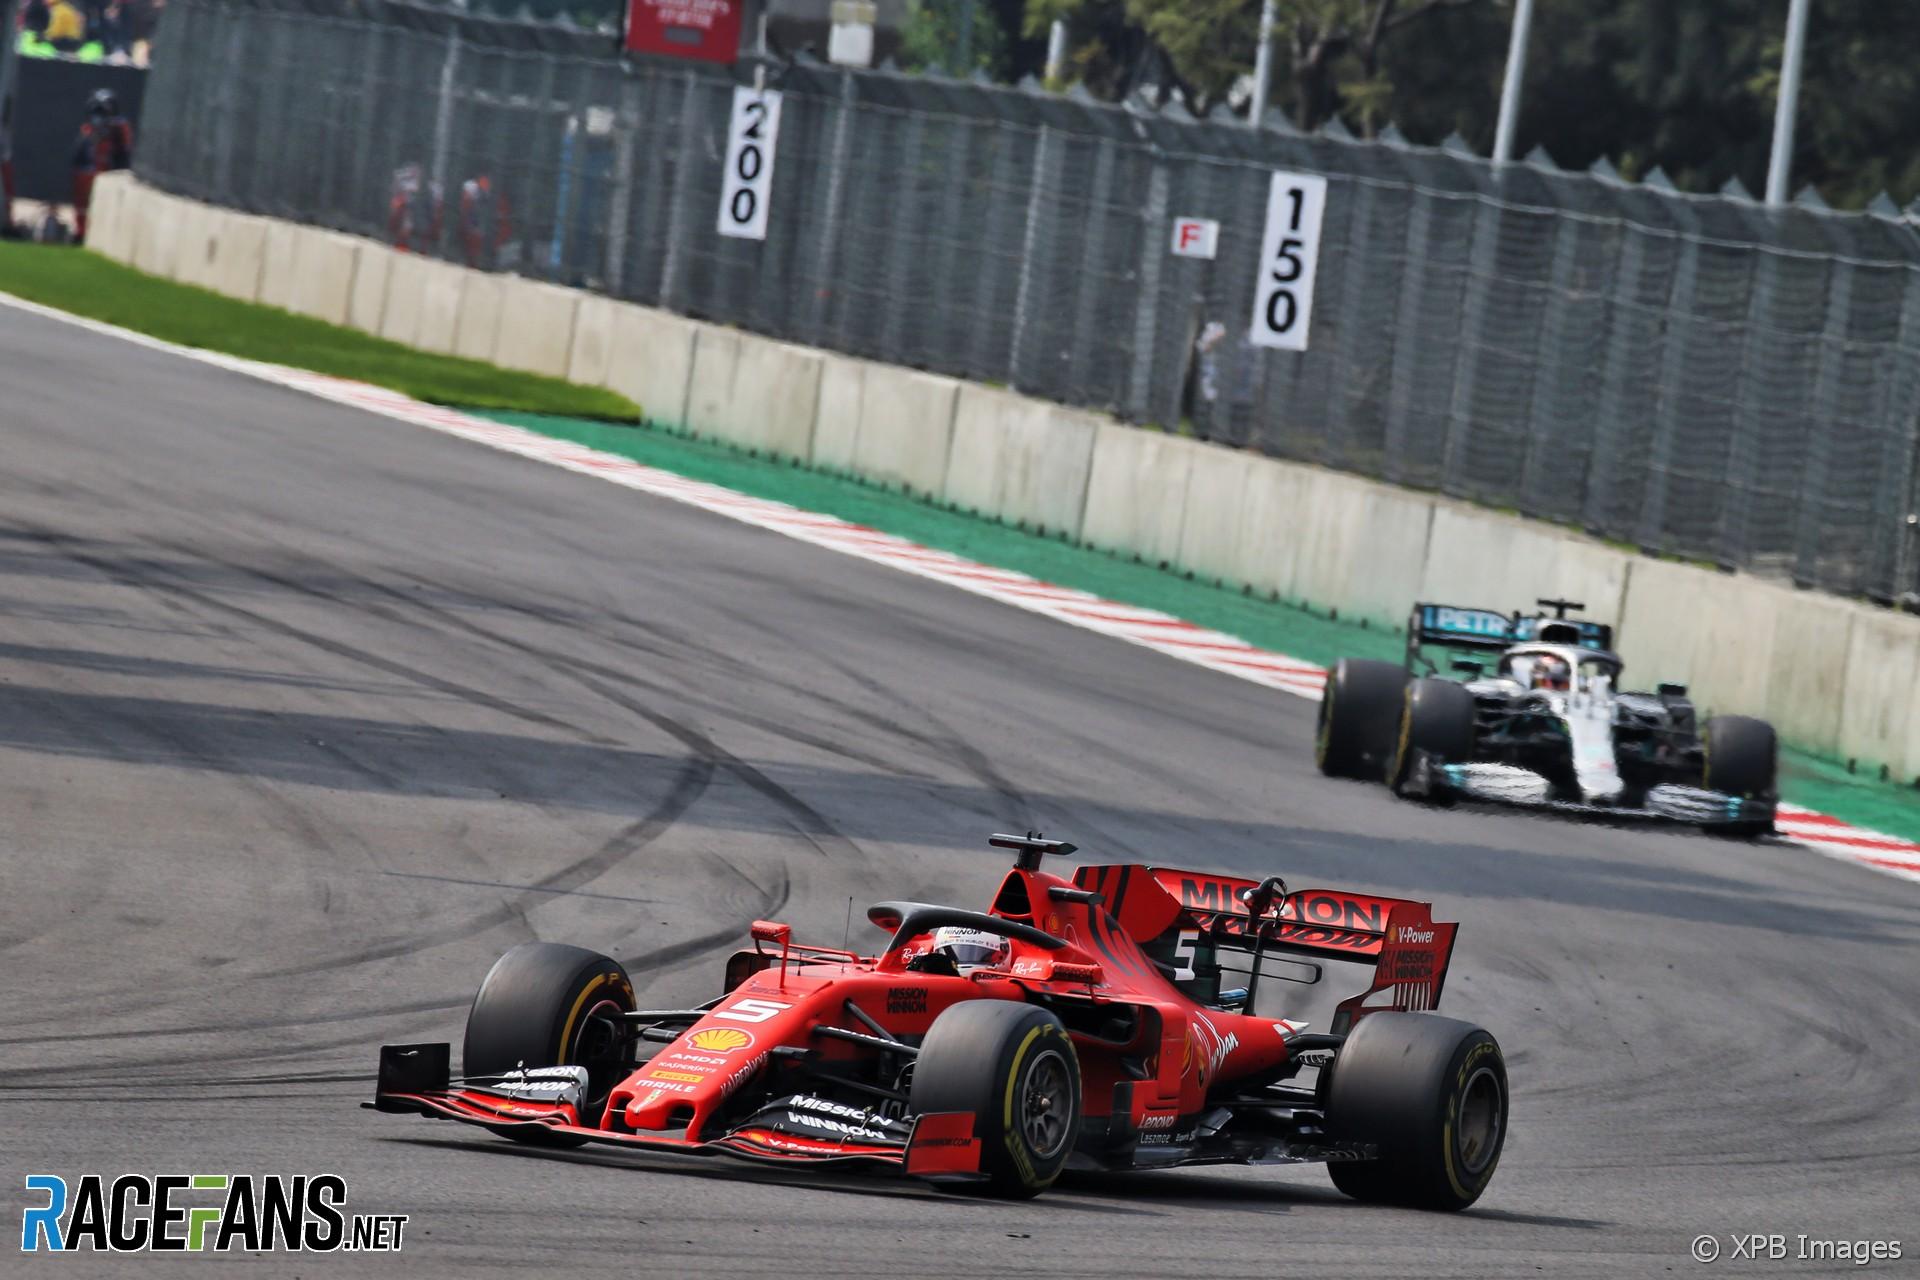 Sebastian Vettel, Ferrari, Autodromo Hermanos Rodriguez, 2019